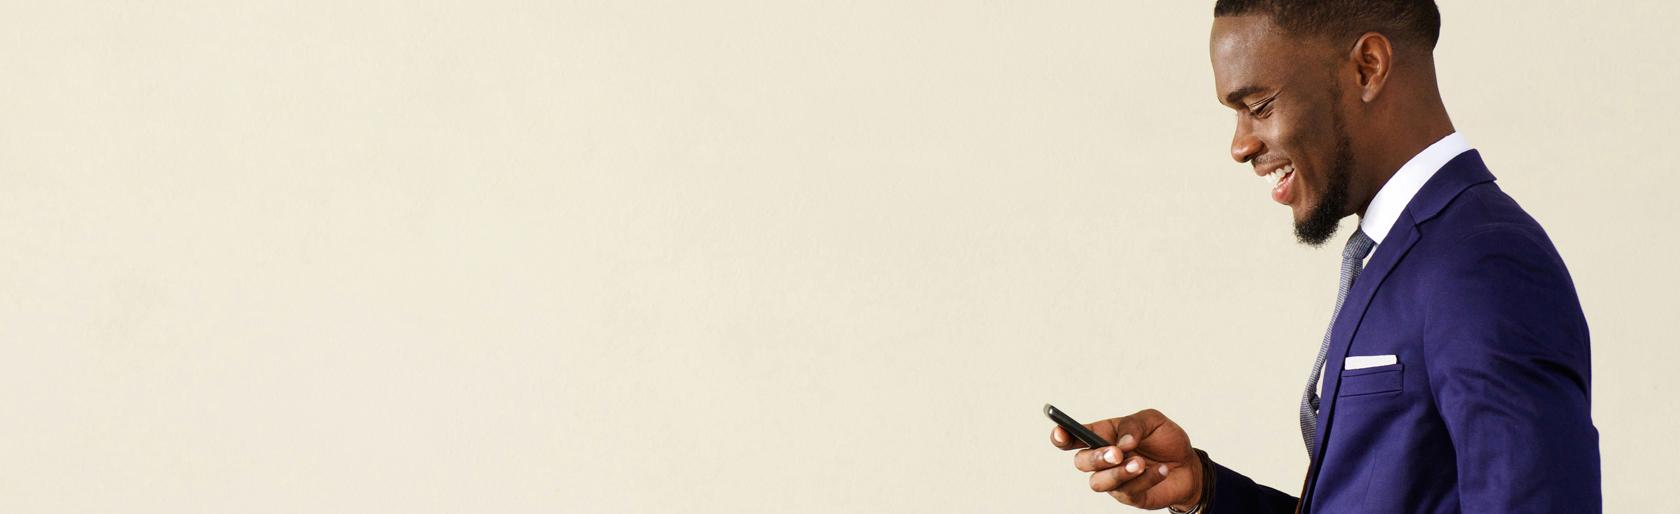 Vídeo Mobile: como esse formato está mudando a comunicação